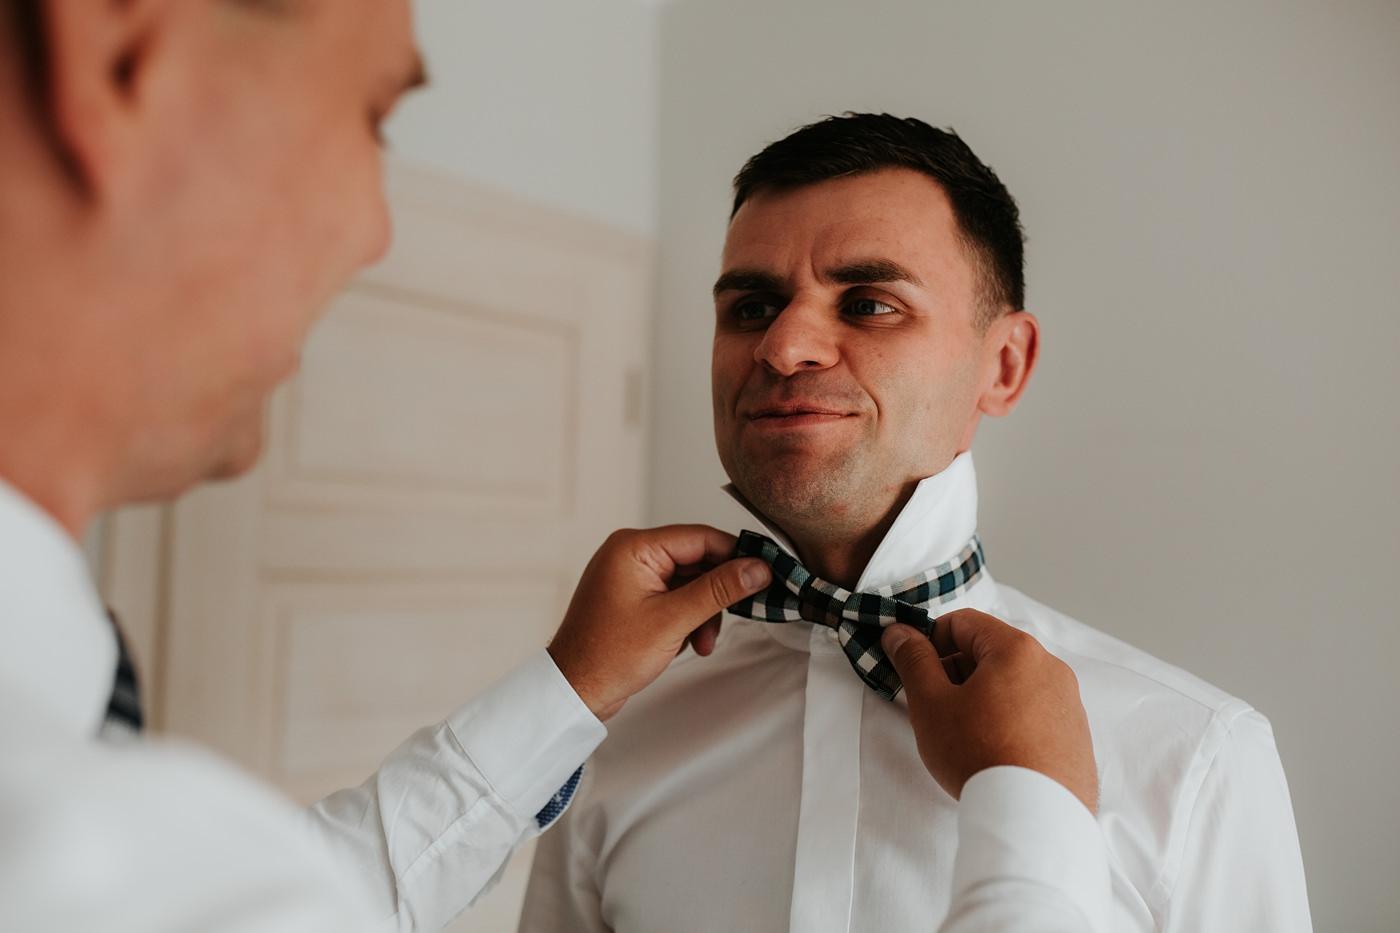 Anna & Wojtek - Ślub cywilny w plenerze - Barnówko w Sam Las 15